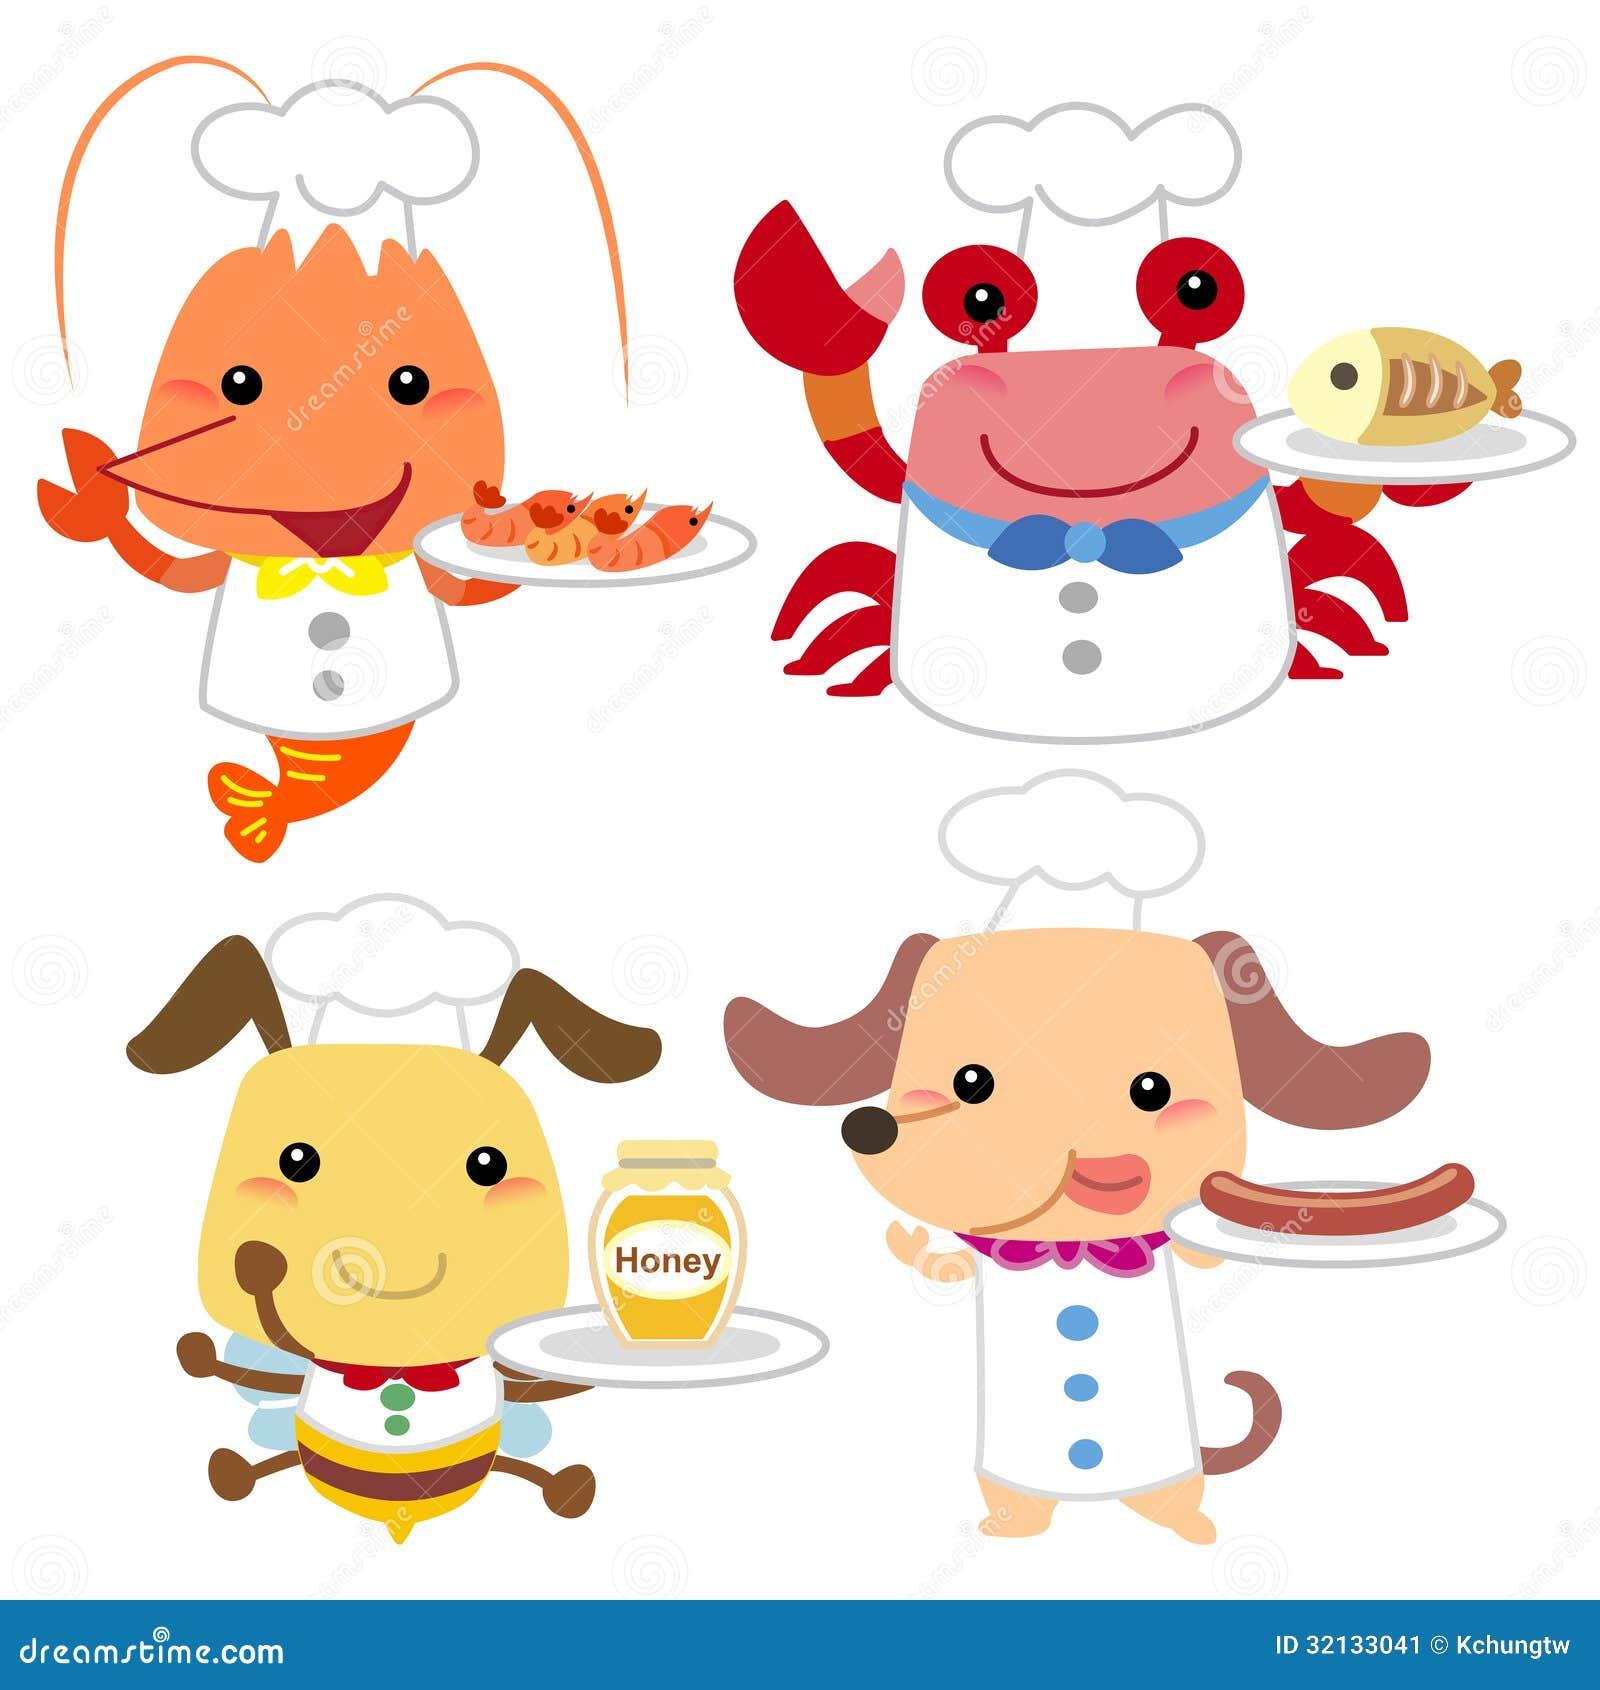 Cute Cartoon Animal Cook Collection Stock Vector